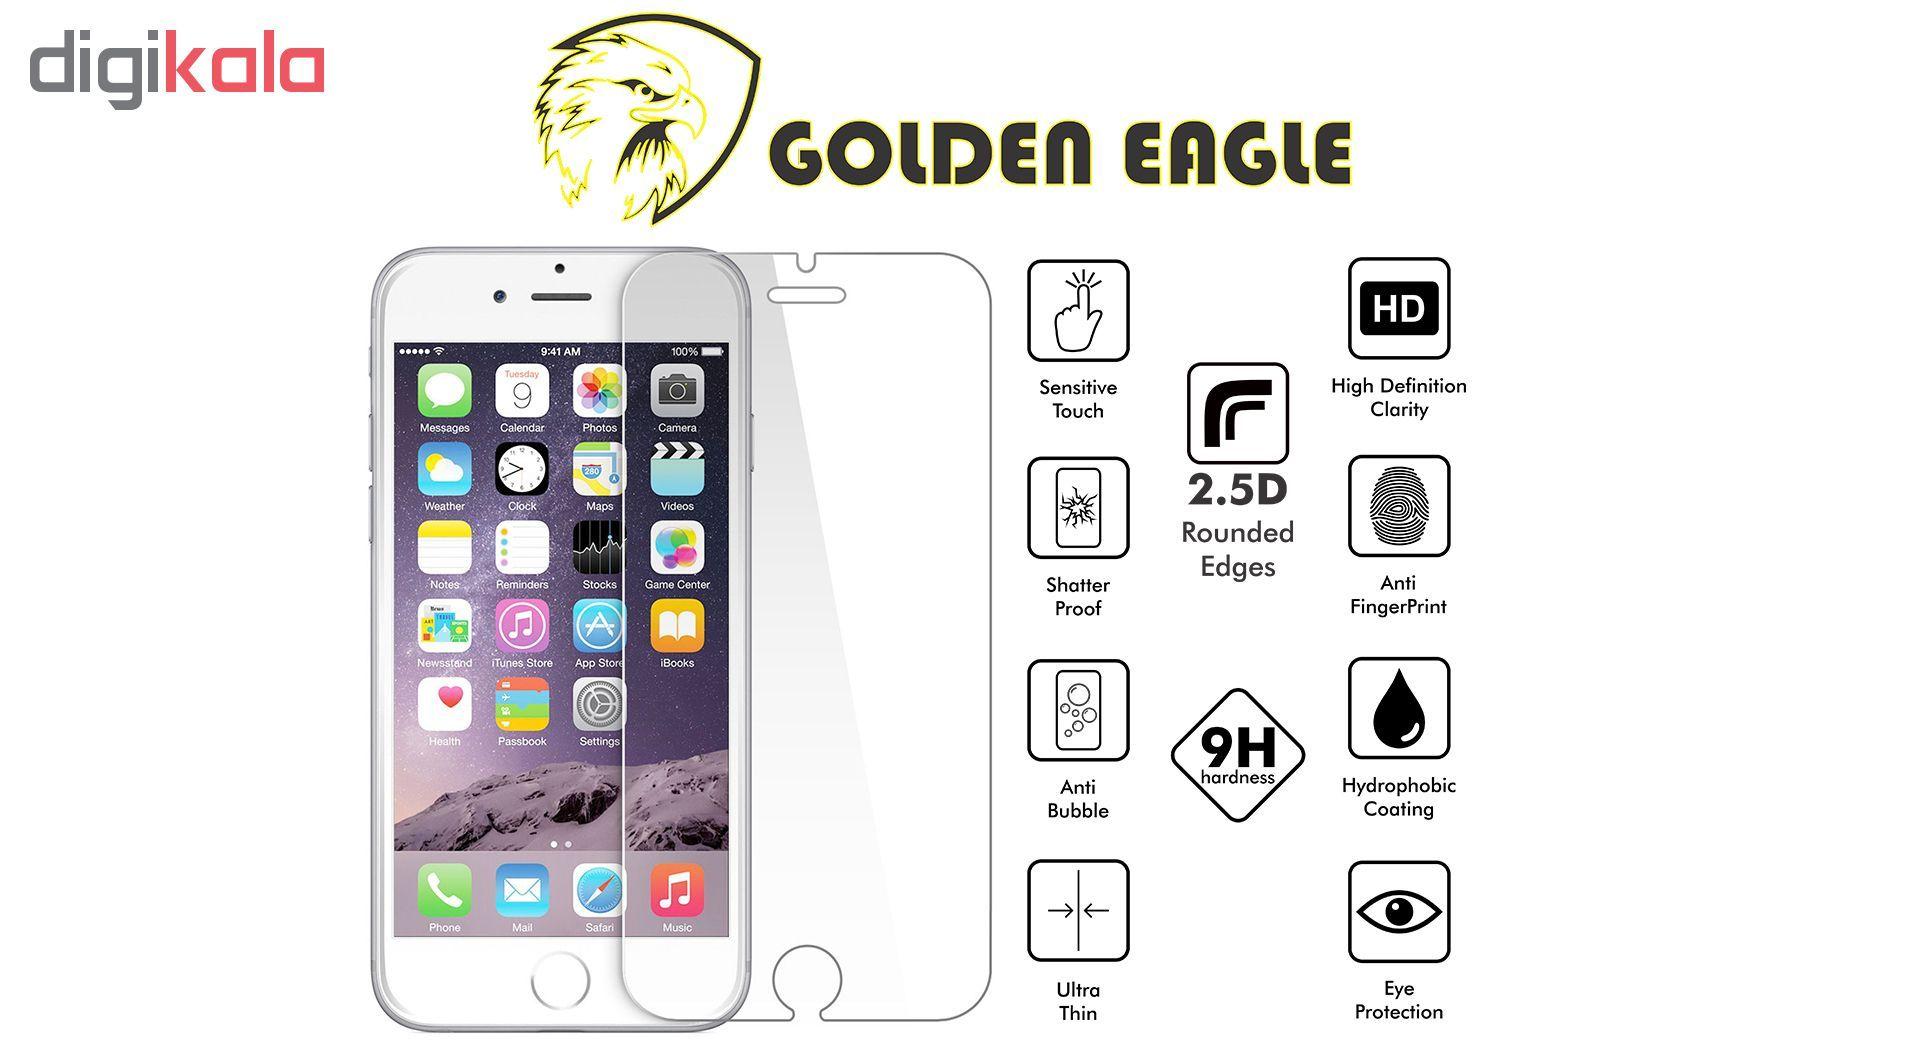 محافظ صفحه نمایش گلدن ایگل مدل Brilliant Shield مناسب برای گوشی اپل آیفون 7/8 پلاس main 1 2